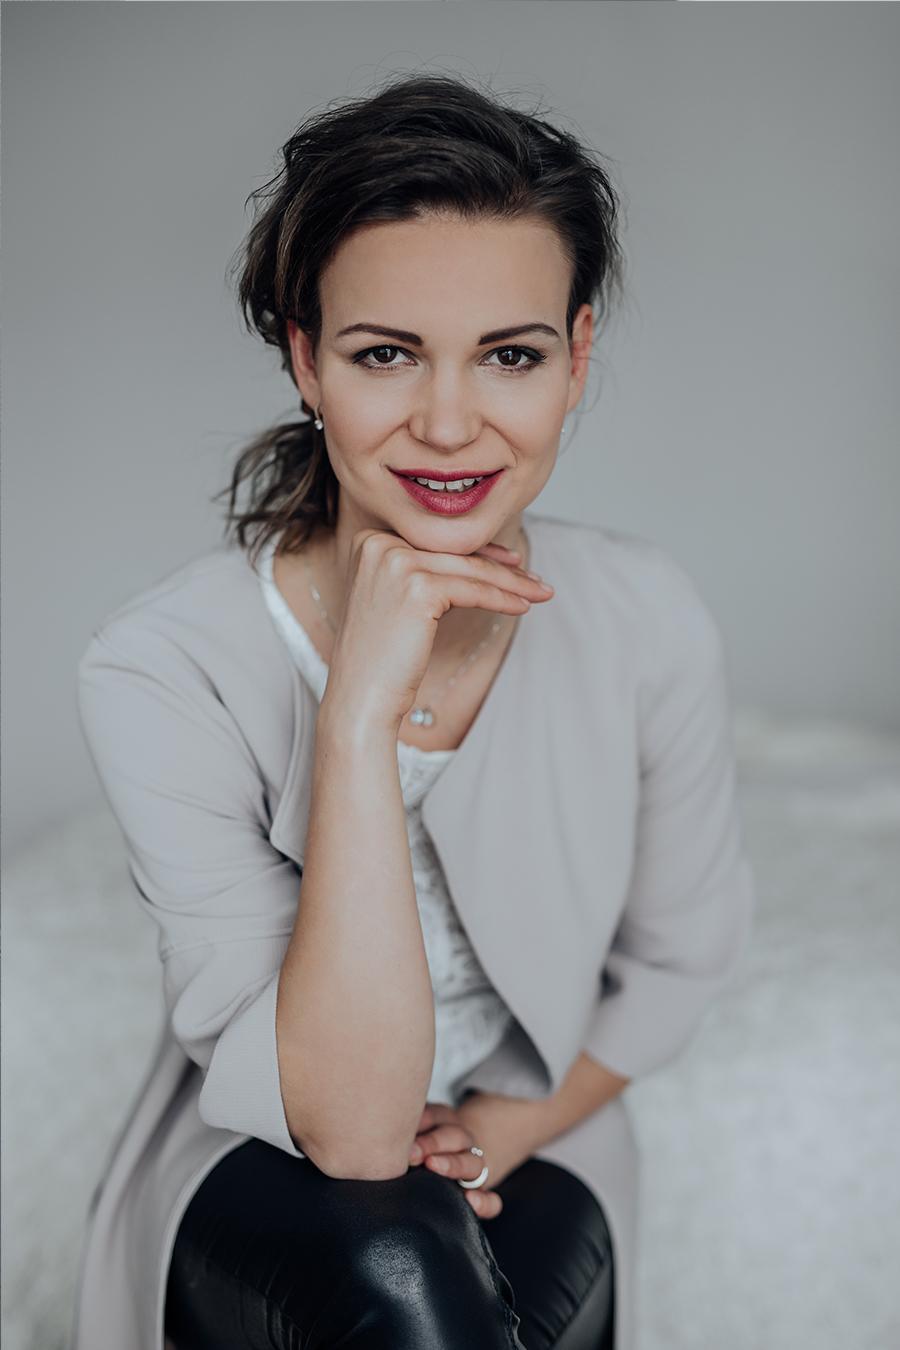 MDDr. Hana Čajková